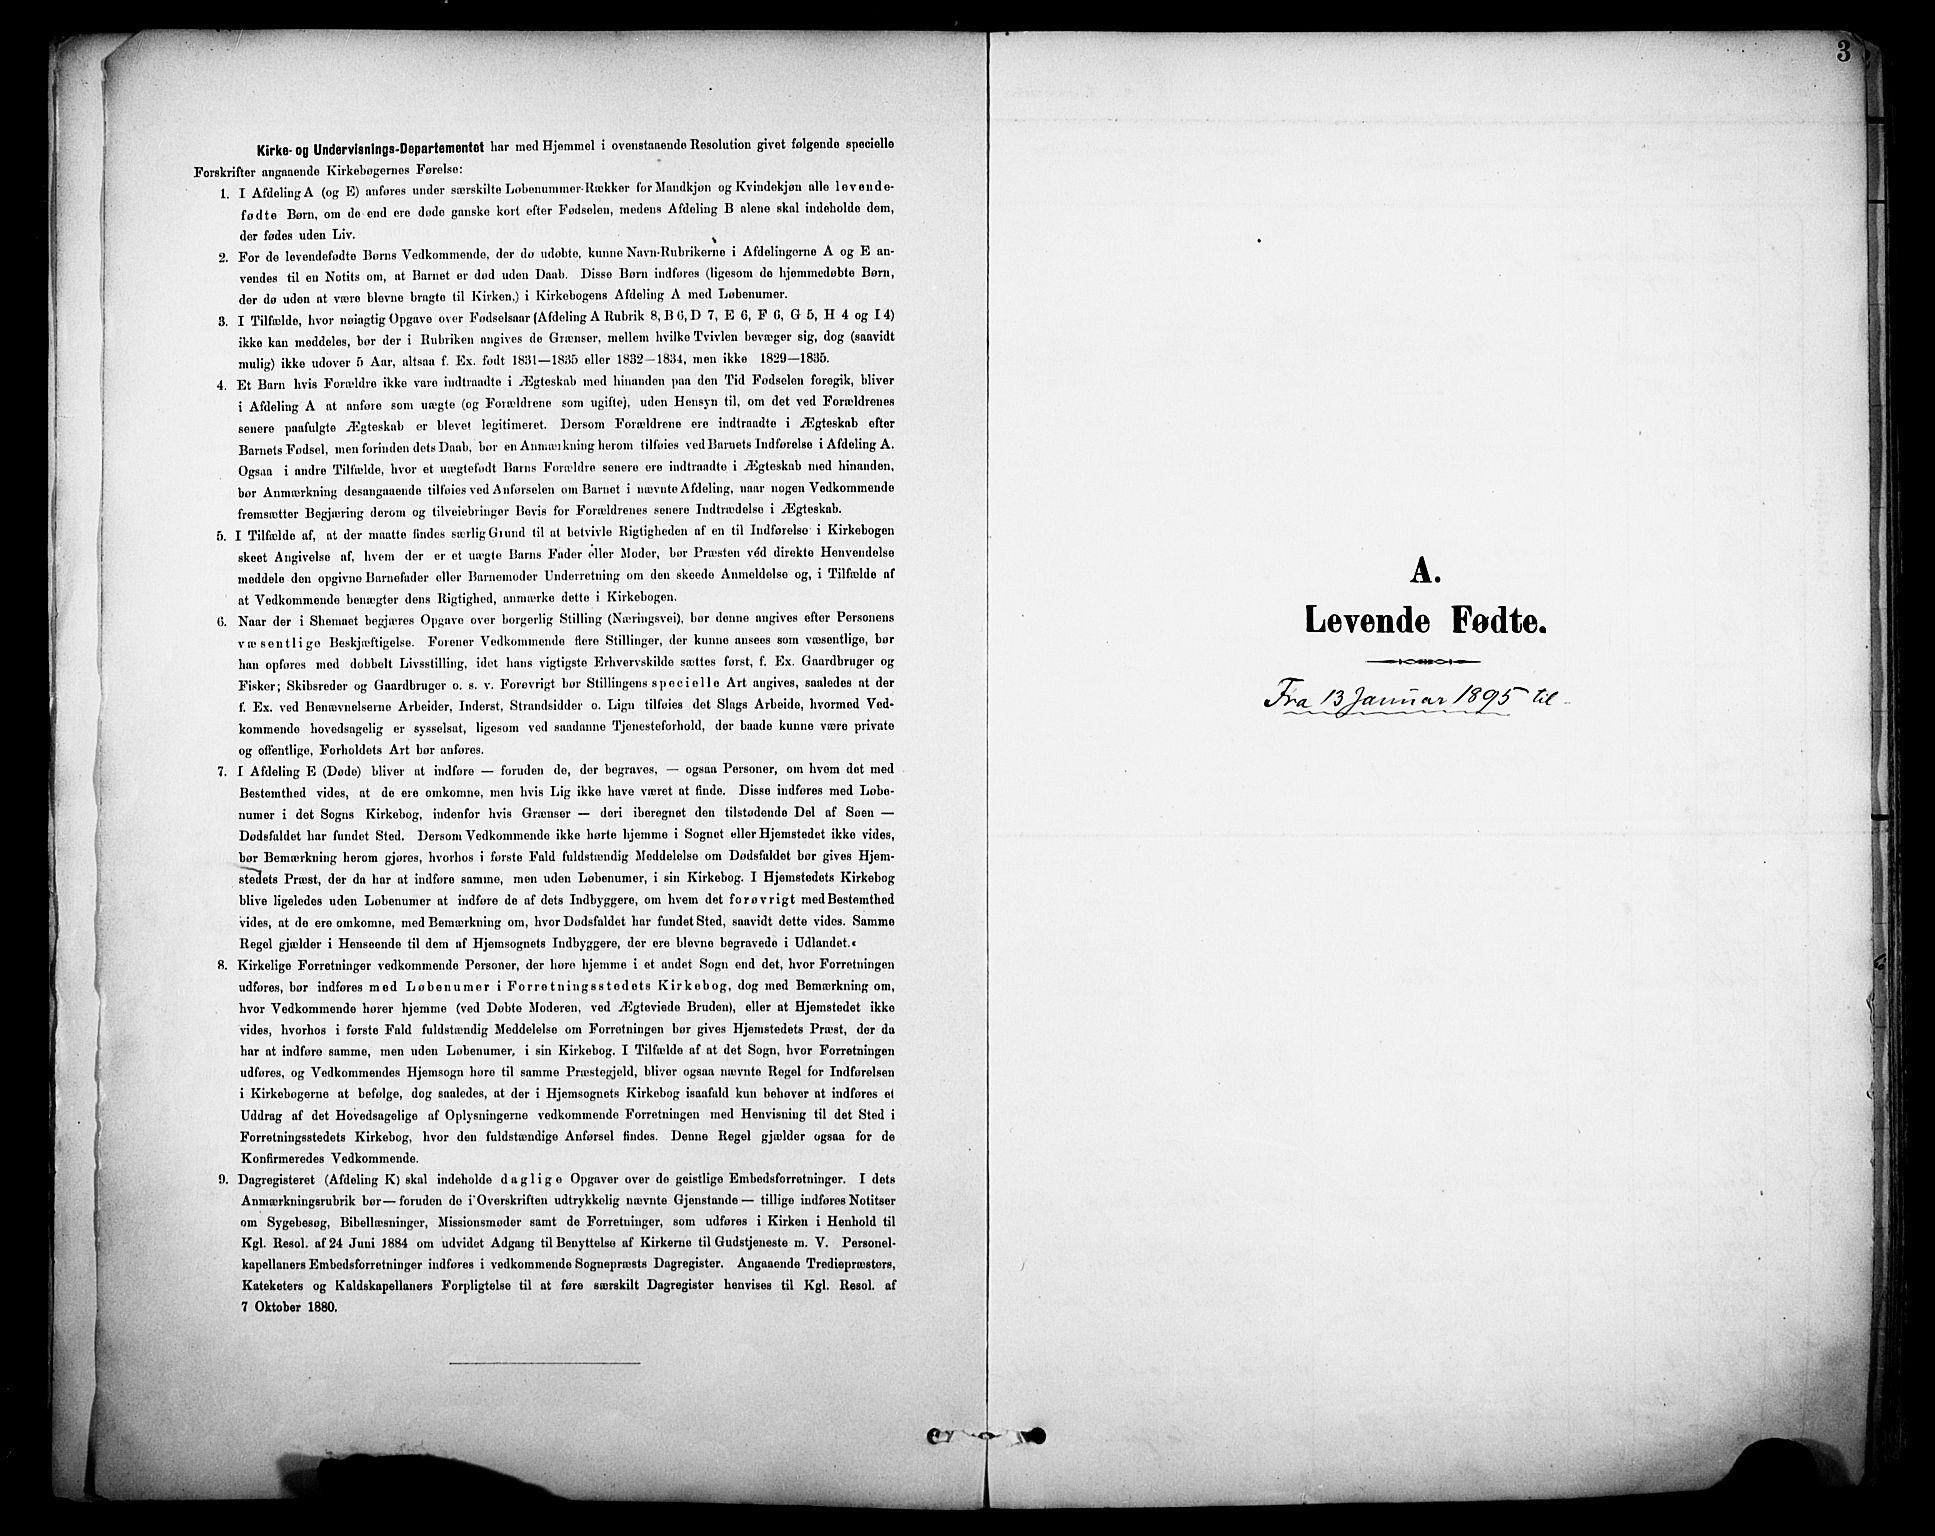 SAKO, Sannidal kirkebøker, F/Fa/L0016: Ministerialbok nr. 16, 1895-1911, s. 3